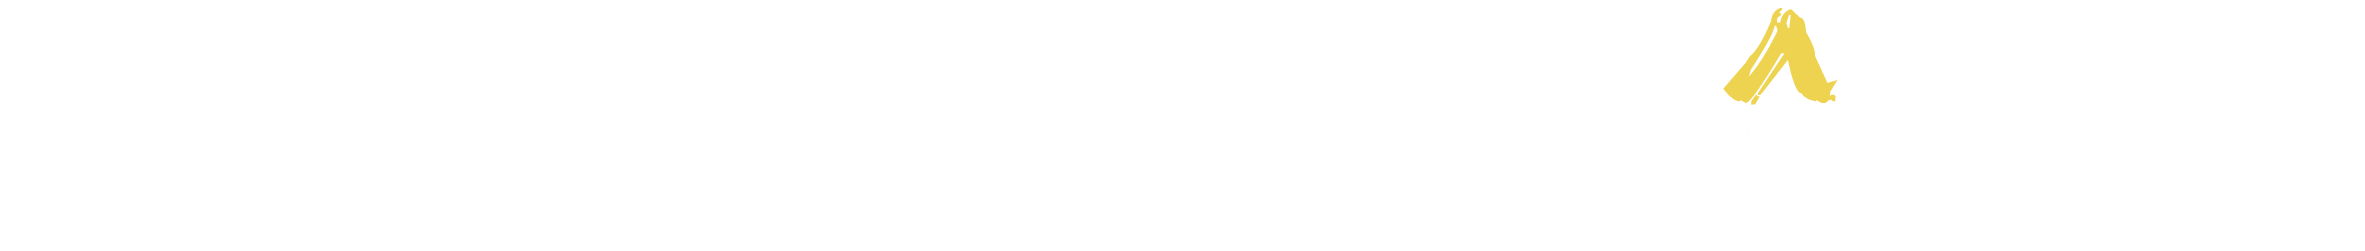 Underground Open Logo